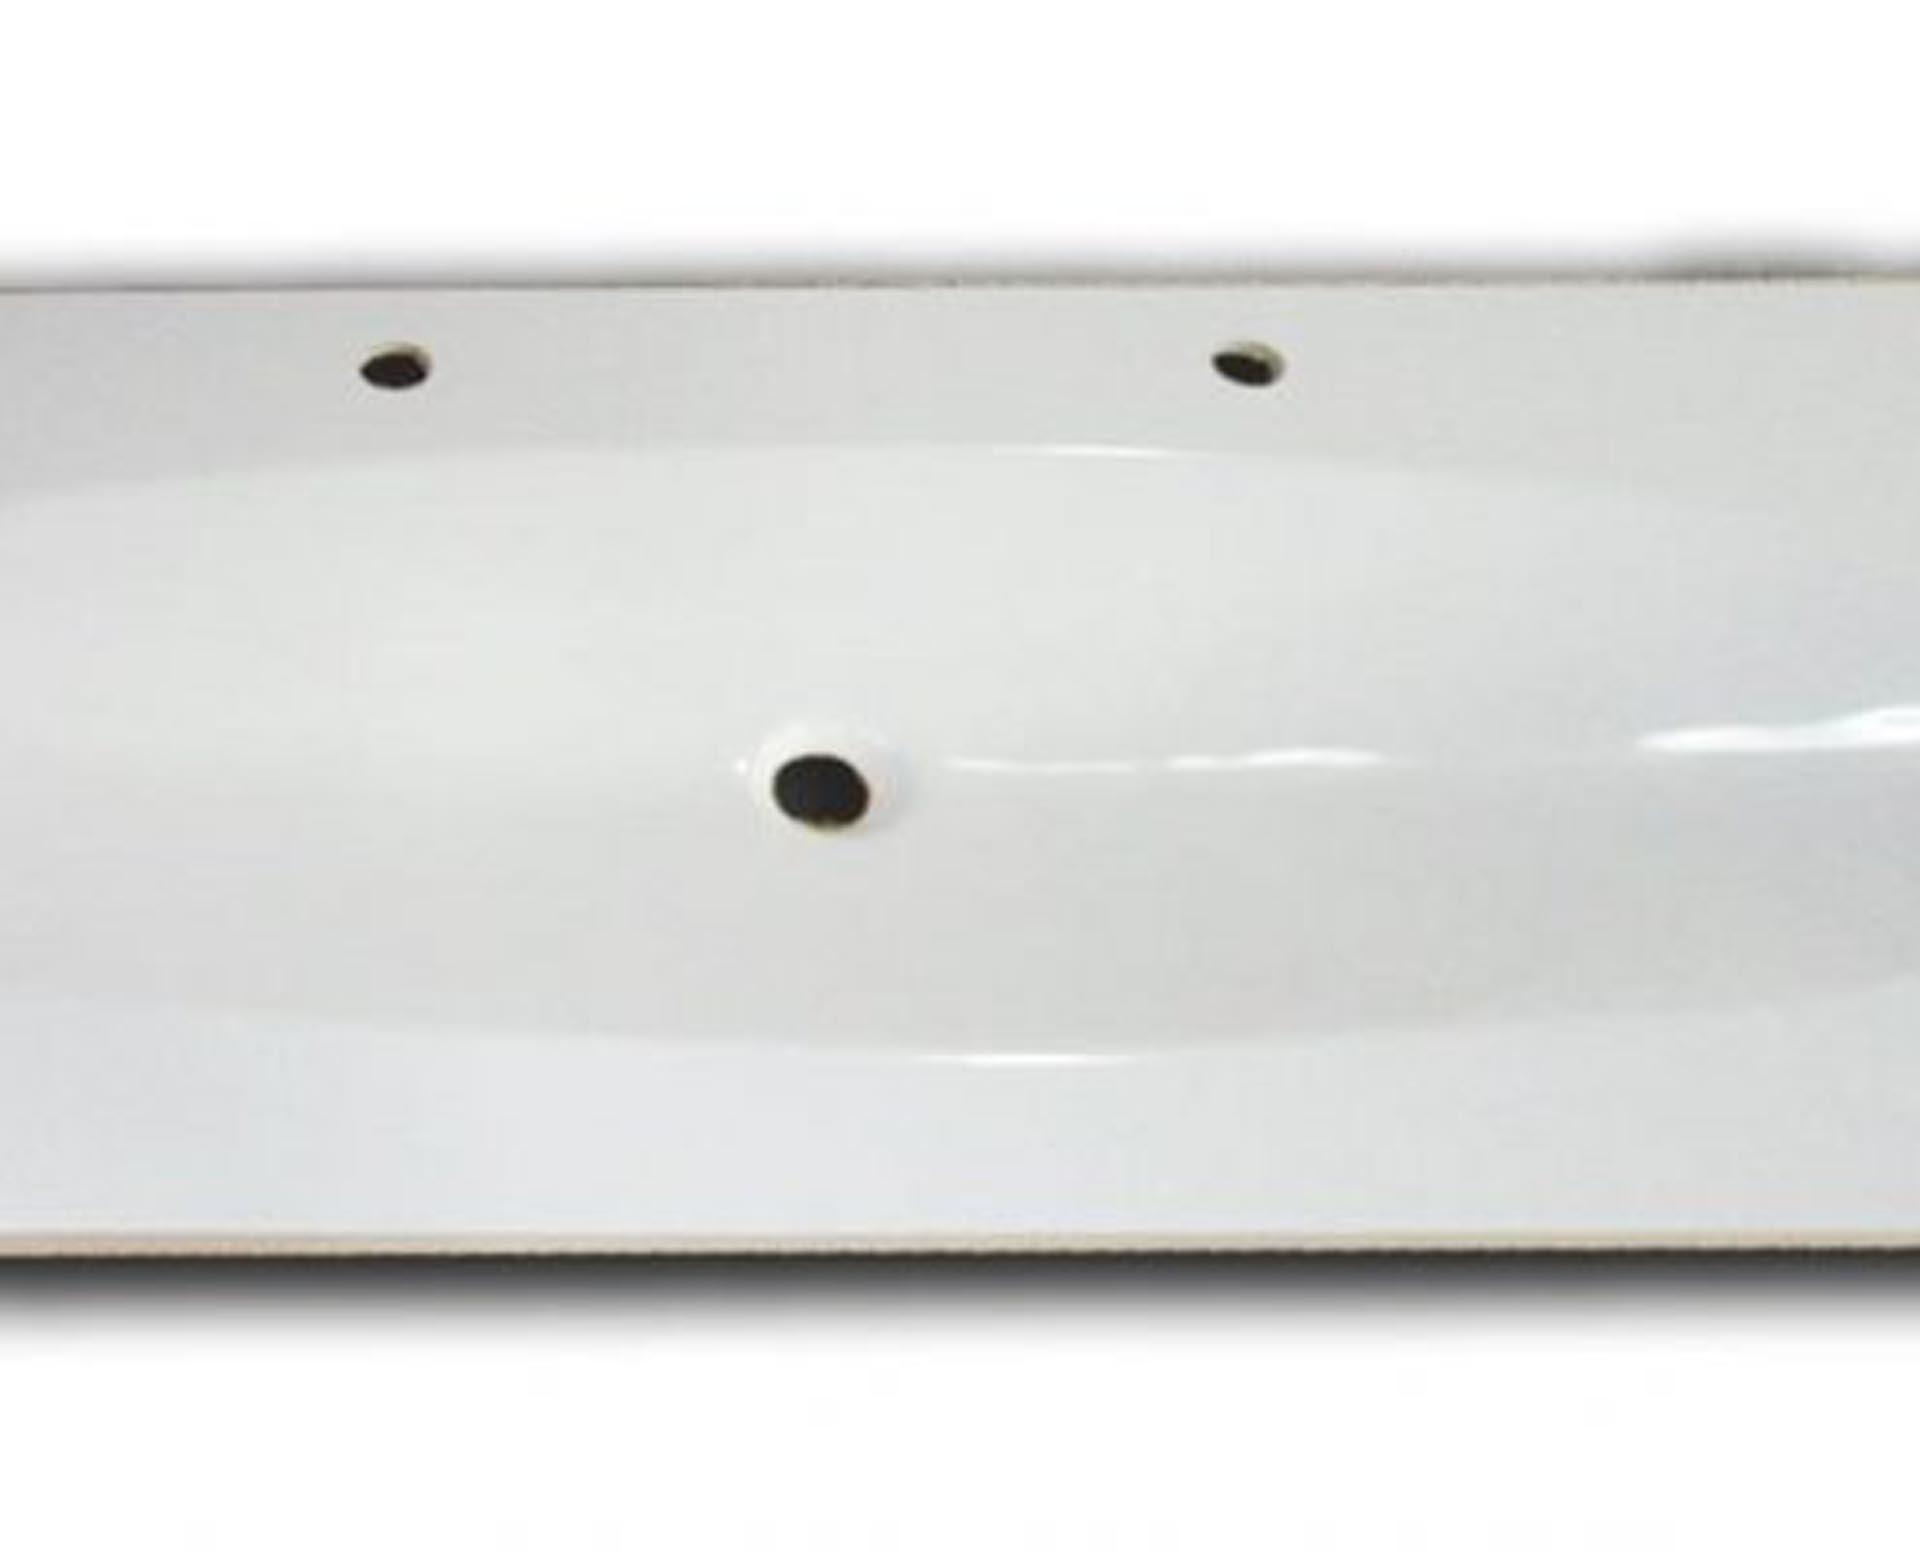 Flot designhåndvask i Kunstmarmor (Top-Solid). Vasken er lavet i hvid højglans komposit, som gør den meget nem at holde ren. Vasken har målene: 123,2 x 54,5 x 3 cm. Vasken tåler alle former for rengøringsmidler. Vasken skal stå på et skab. Køb et af vores tre slags åbne ophæng til slimlinevaske eller se vores guide til hvilket skab, der passer til og hvor du kan købe det. Vasken er hensynsmæssigt designet med fine rundinger, som både giver vasken et eksklusivt udtryk og gør den rengøringsvenlig. Vasken vedligeholdes med voks - vi anbefaler en behandling med vores egen naturvoks ID12002 et par gange om året for at opnå optimalt look.